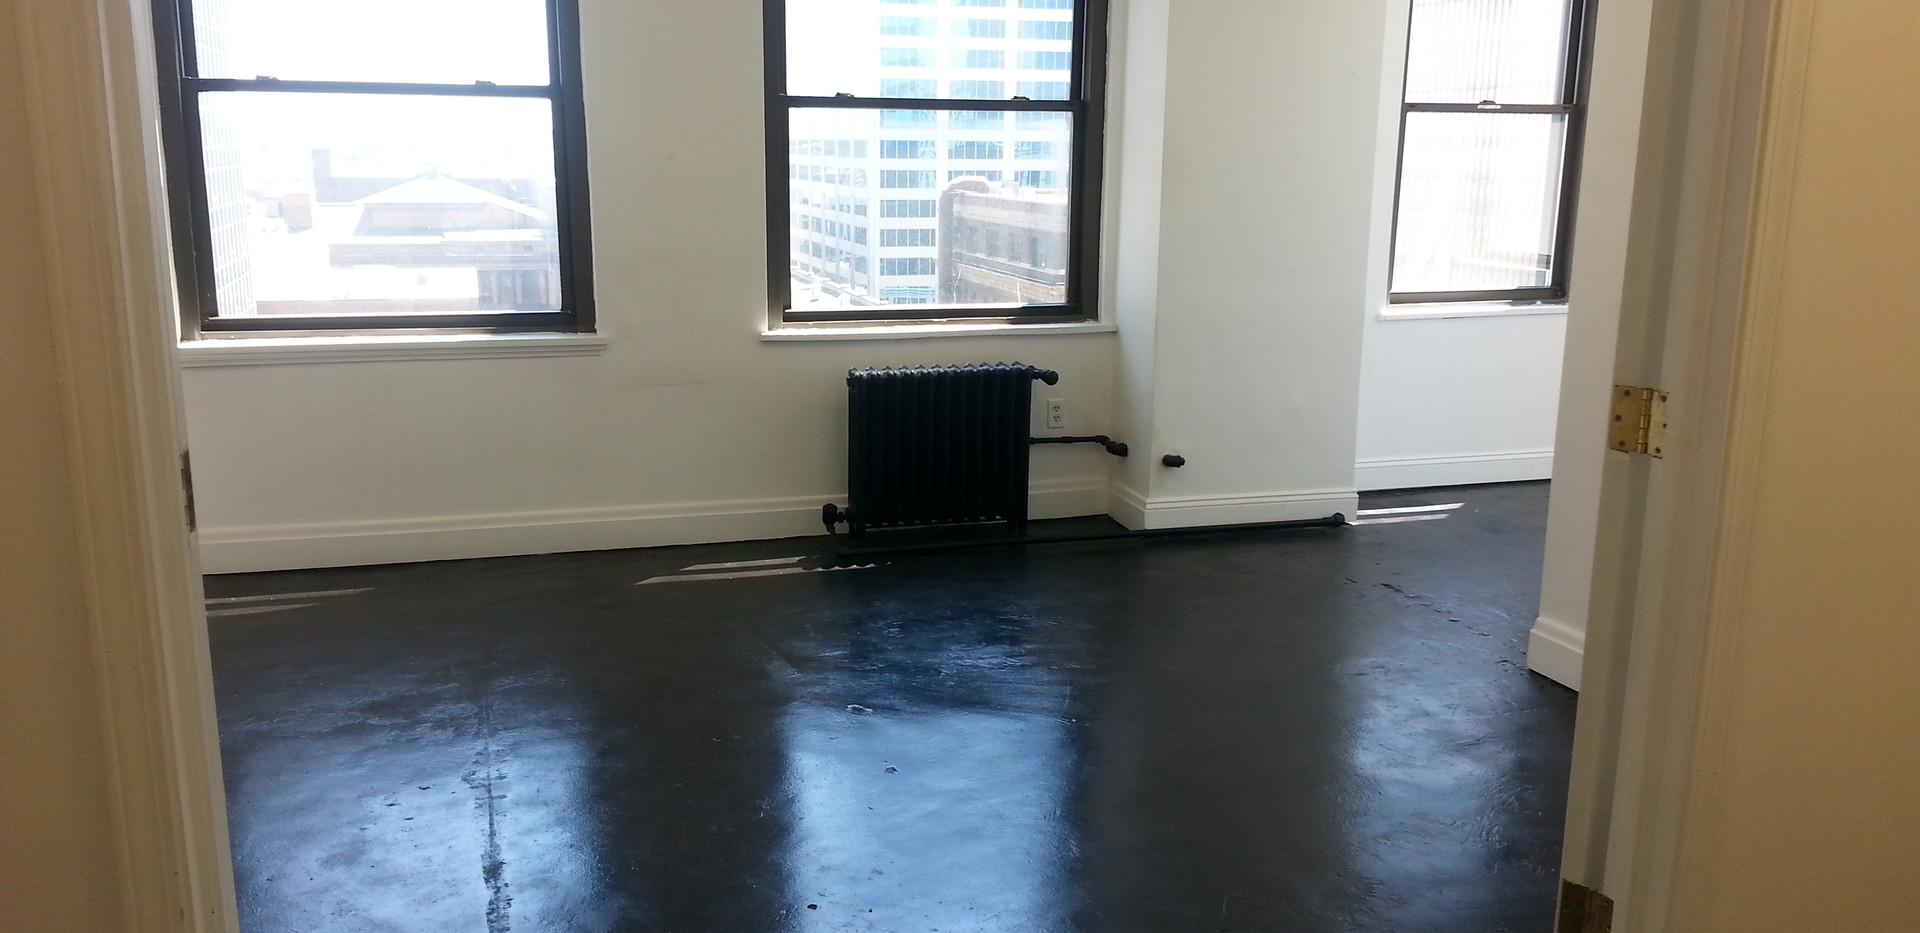 10th Floor Office Suite